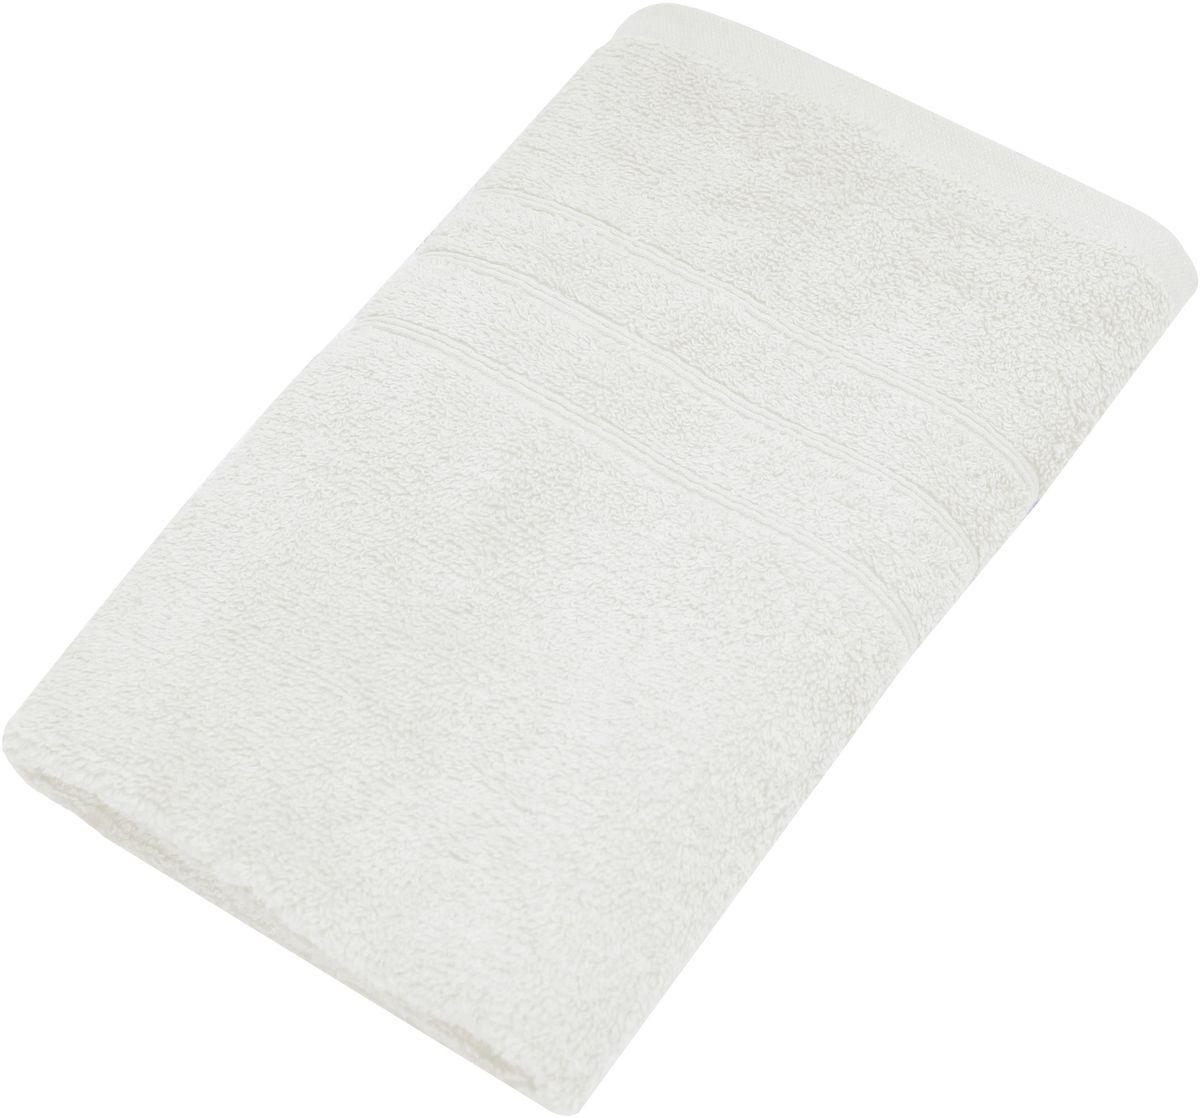 Полотенце Proffi Home Модерн, цвет: белый, 50 x 100 см74-0120Мягкое махровое полотенцеProffi Home Модернотлично впитывает влагу и быстро сохнет, приятно в него завернуться после принятия ванны или посещения сауны. Поэтому данное махровое полотенце можно использовать в качестве душевого, банного или пляжного полотенца. Состав: 100% хлопок.